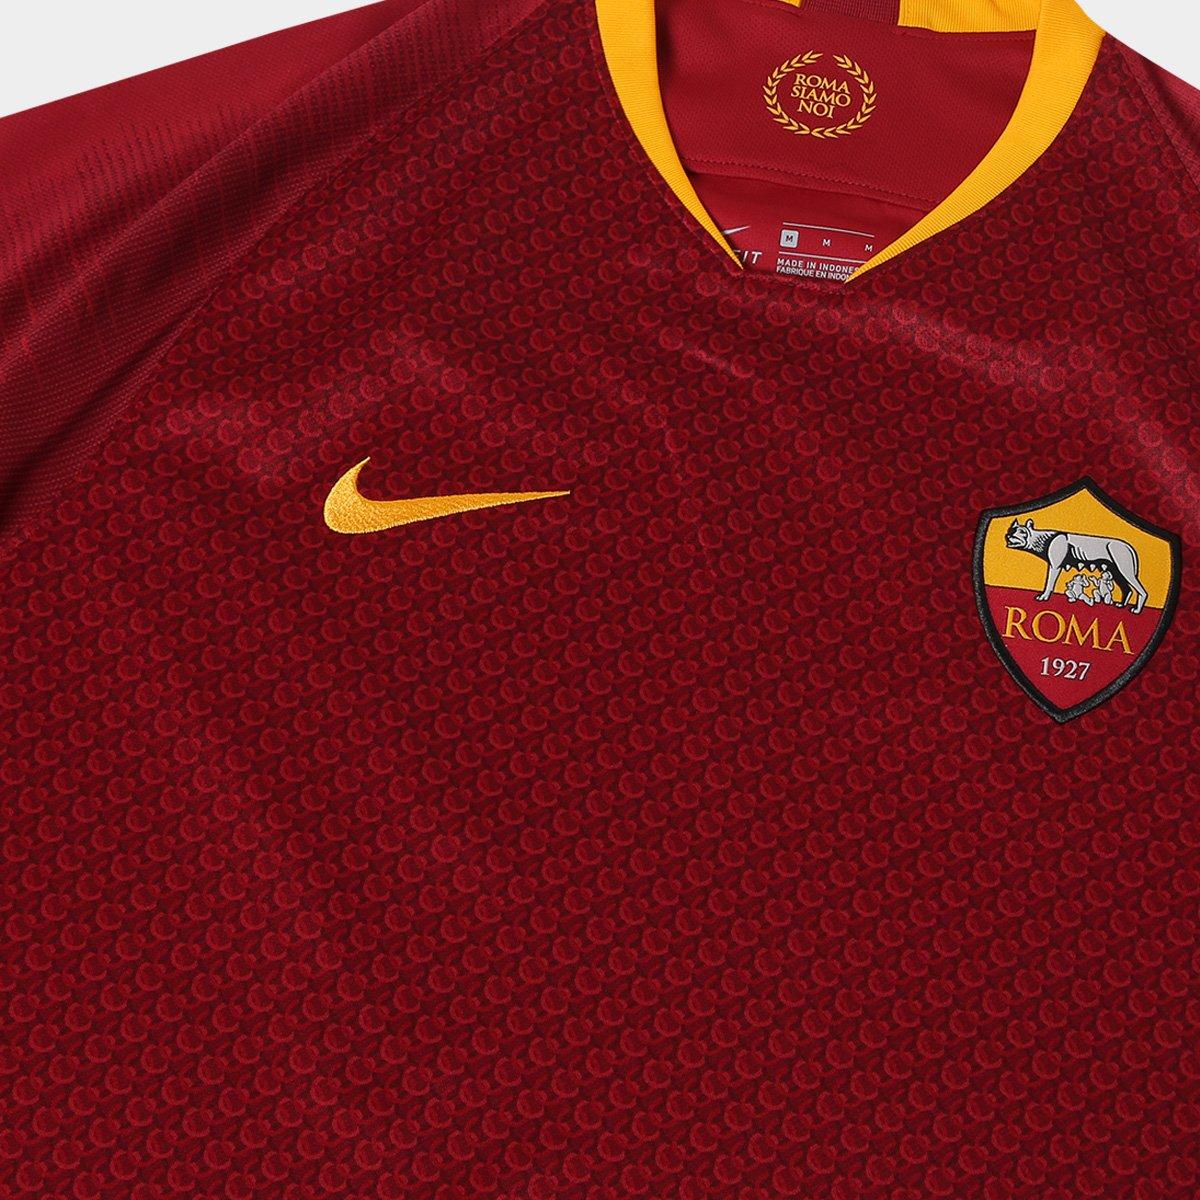 ... Camisa Roma Home 2018 s n° - Torcedor Nike Masculina - Vermelho e . 7bcda5e78bccd